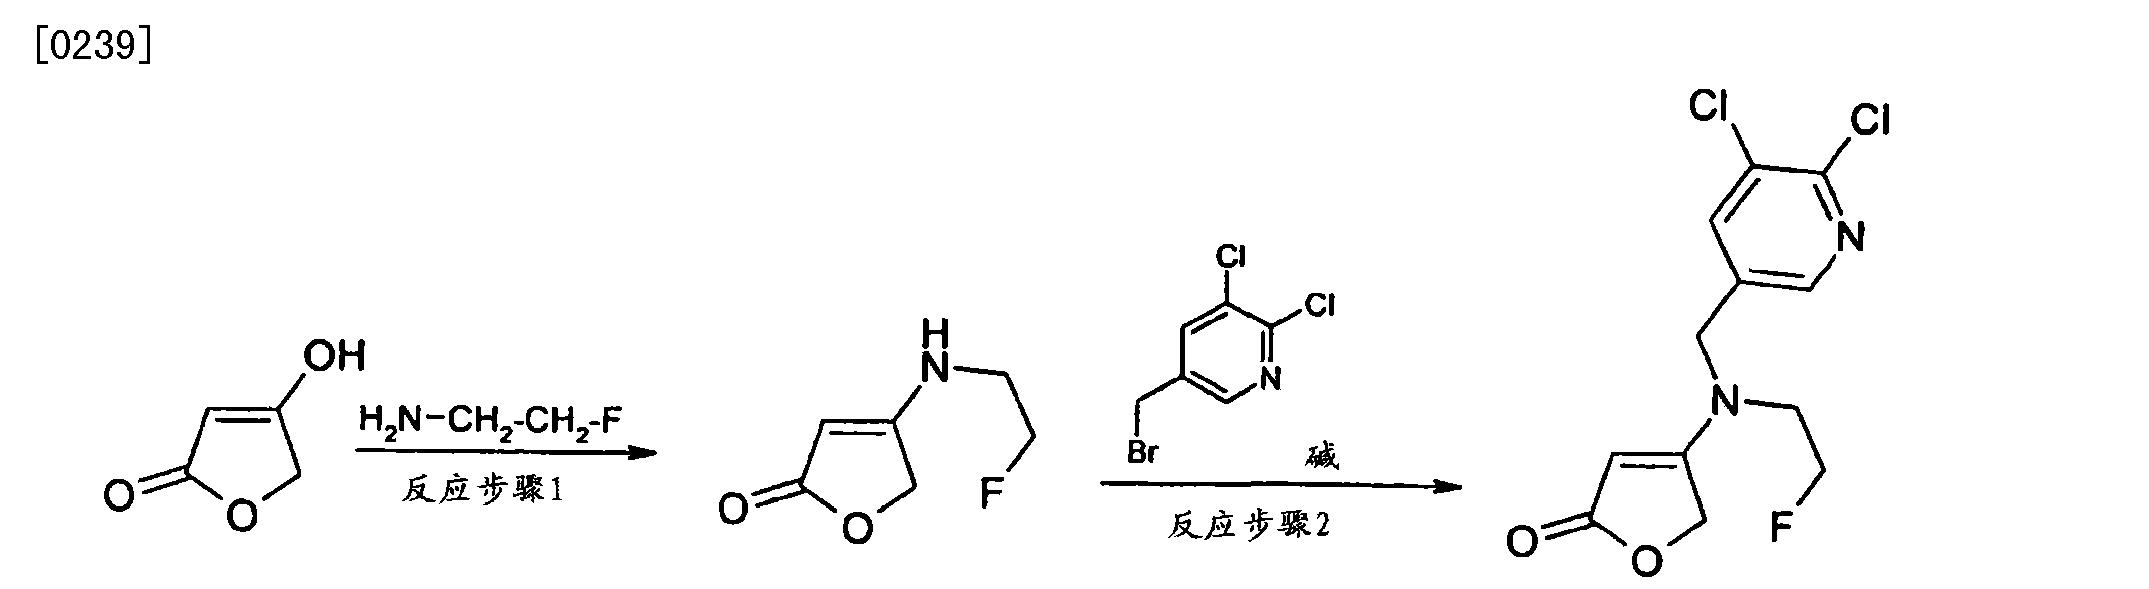 Figure CN102321081BD00211